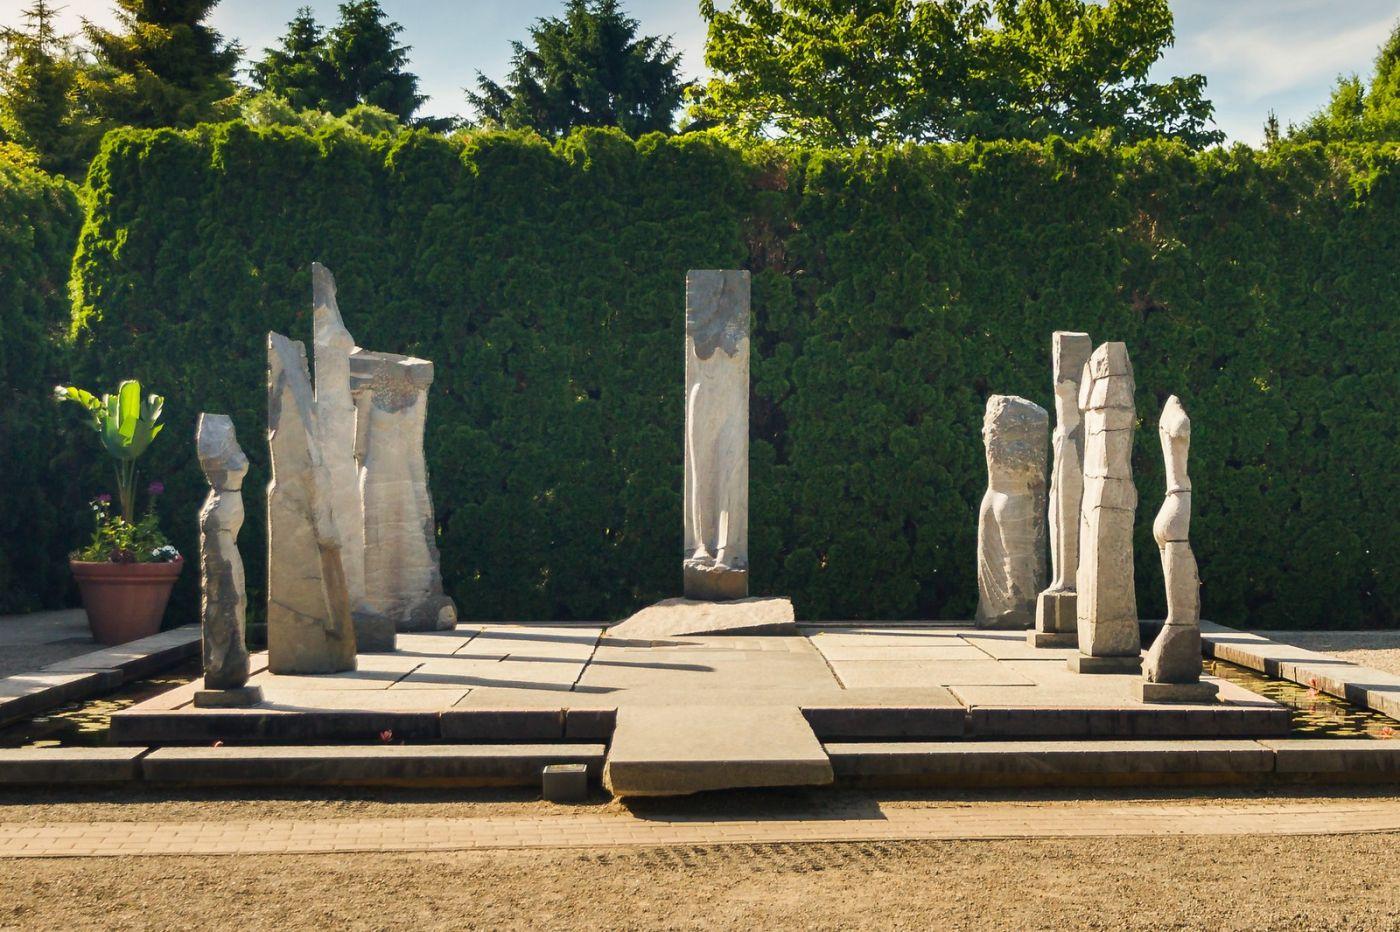 新澤西州雕塑公園(Grounds for scuplture),題材很廣_圖1-6